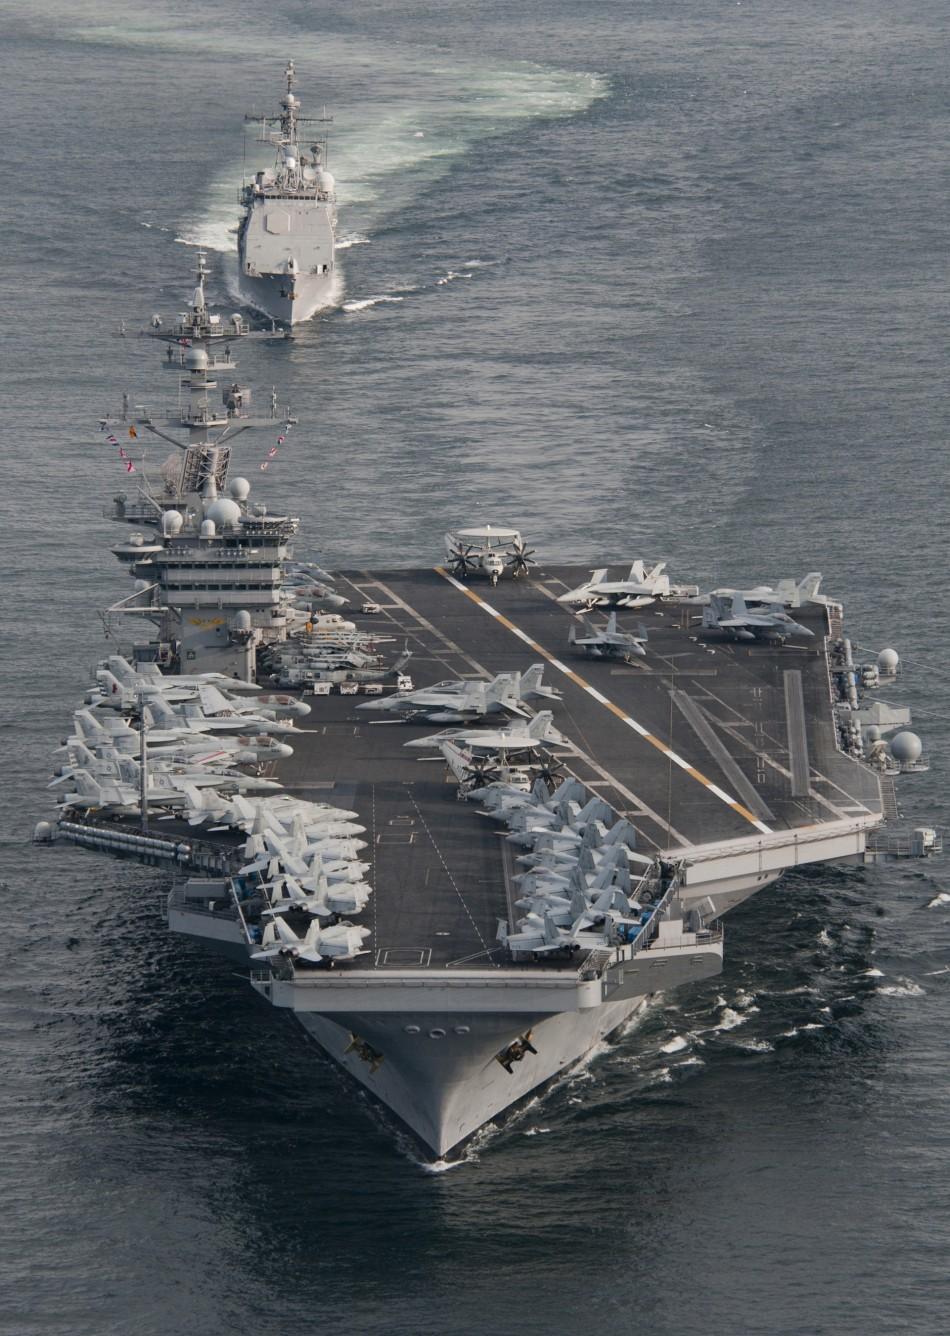 The Nimitz-class aircraft carrier USS Carl Vinson